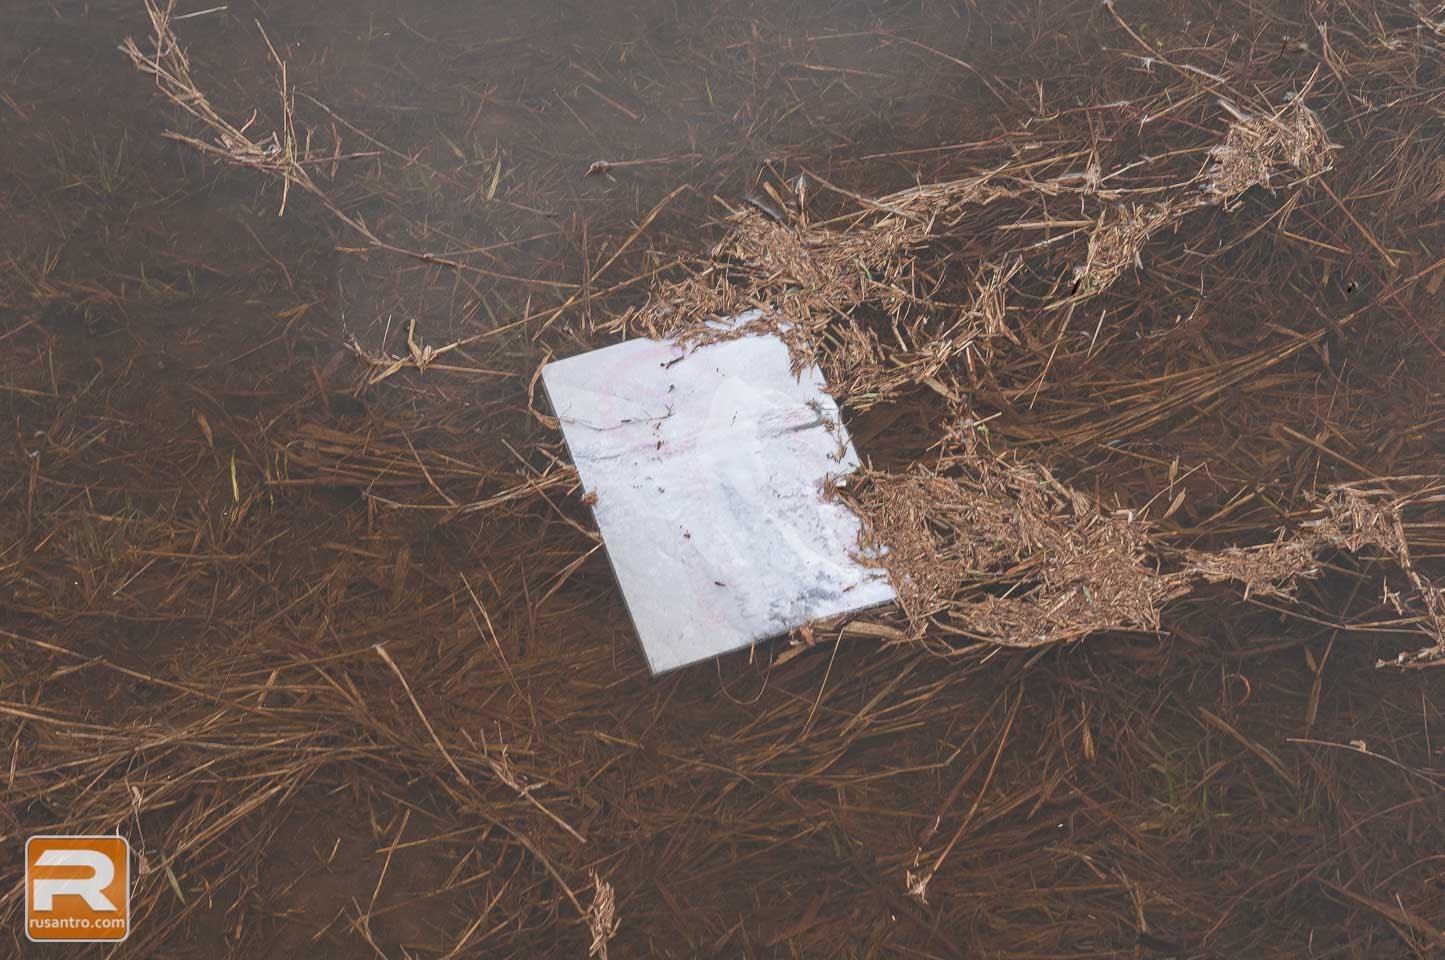 Papīra gabals ūdenī